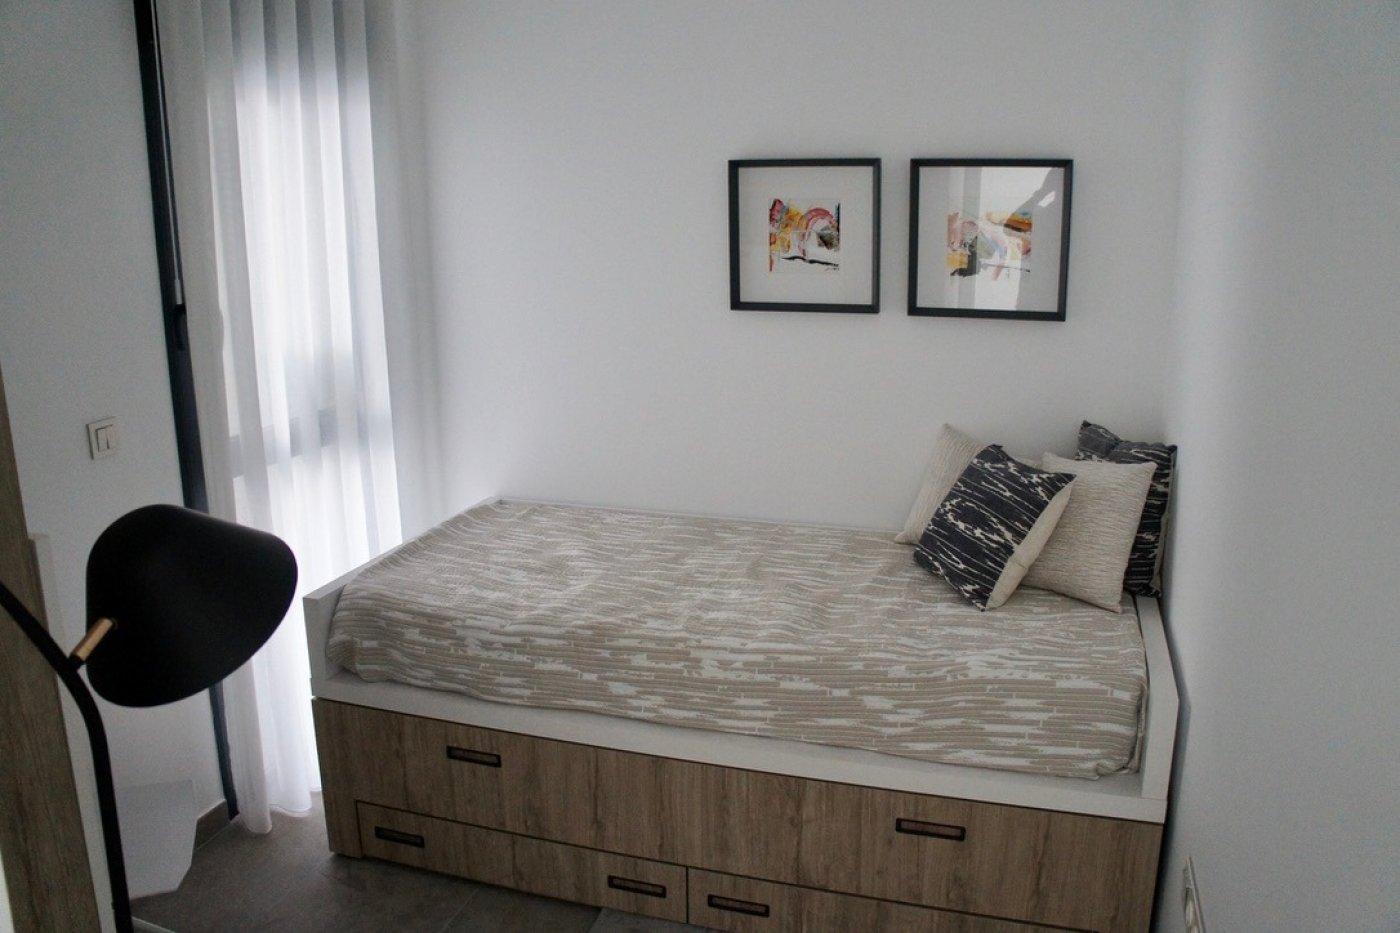 Gallery Image 19 of Moderno apartamento de 4 dormitorios de lujo de nueva construcción con 2 terrazas